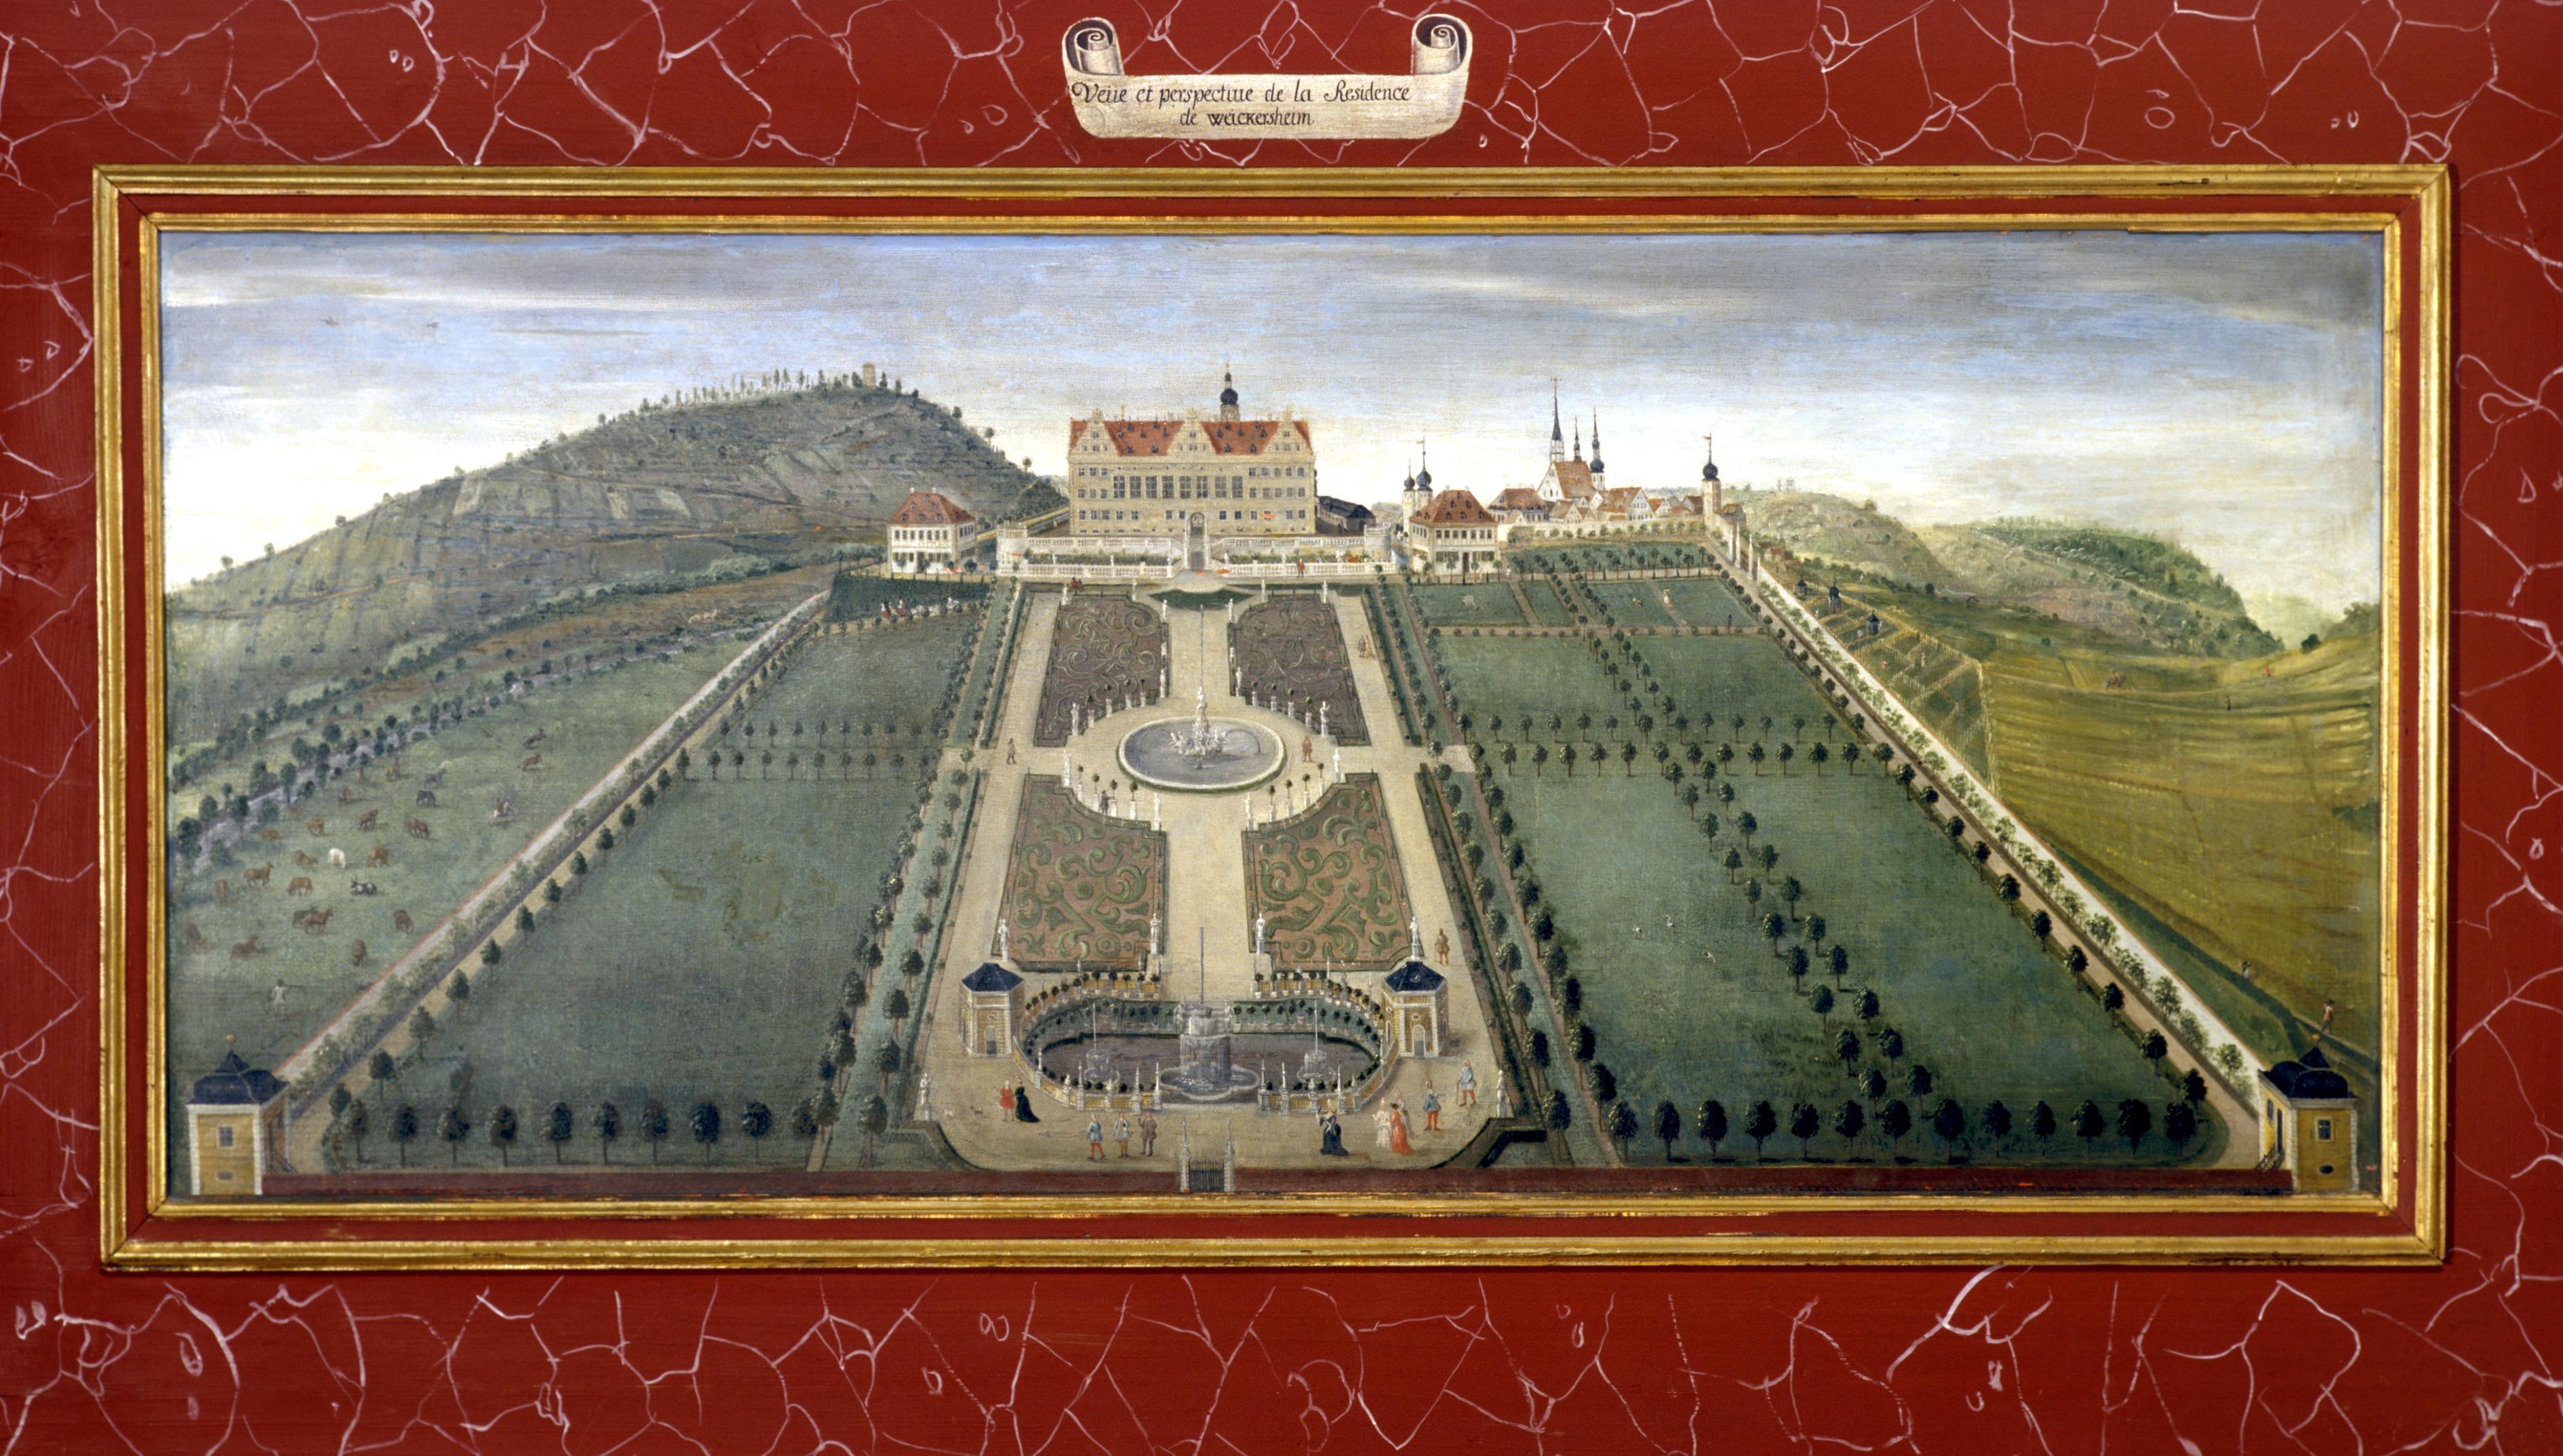 Ideale Gartenanlage, Lambrisbild im Rittersaal, Schloss Weikersheim; Foto: Staatliche Schlösser und Gärten Baden-Württemberg, Arnim Weischer